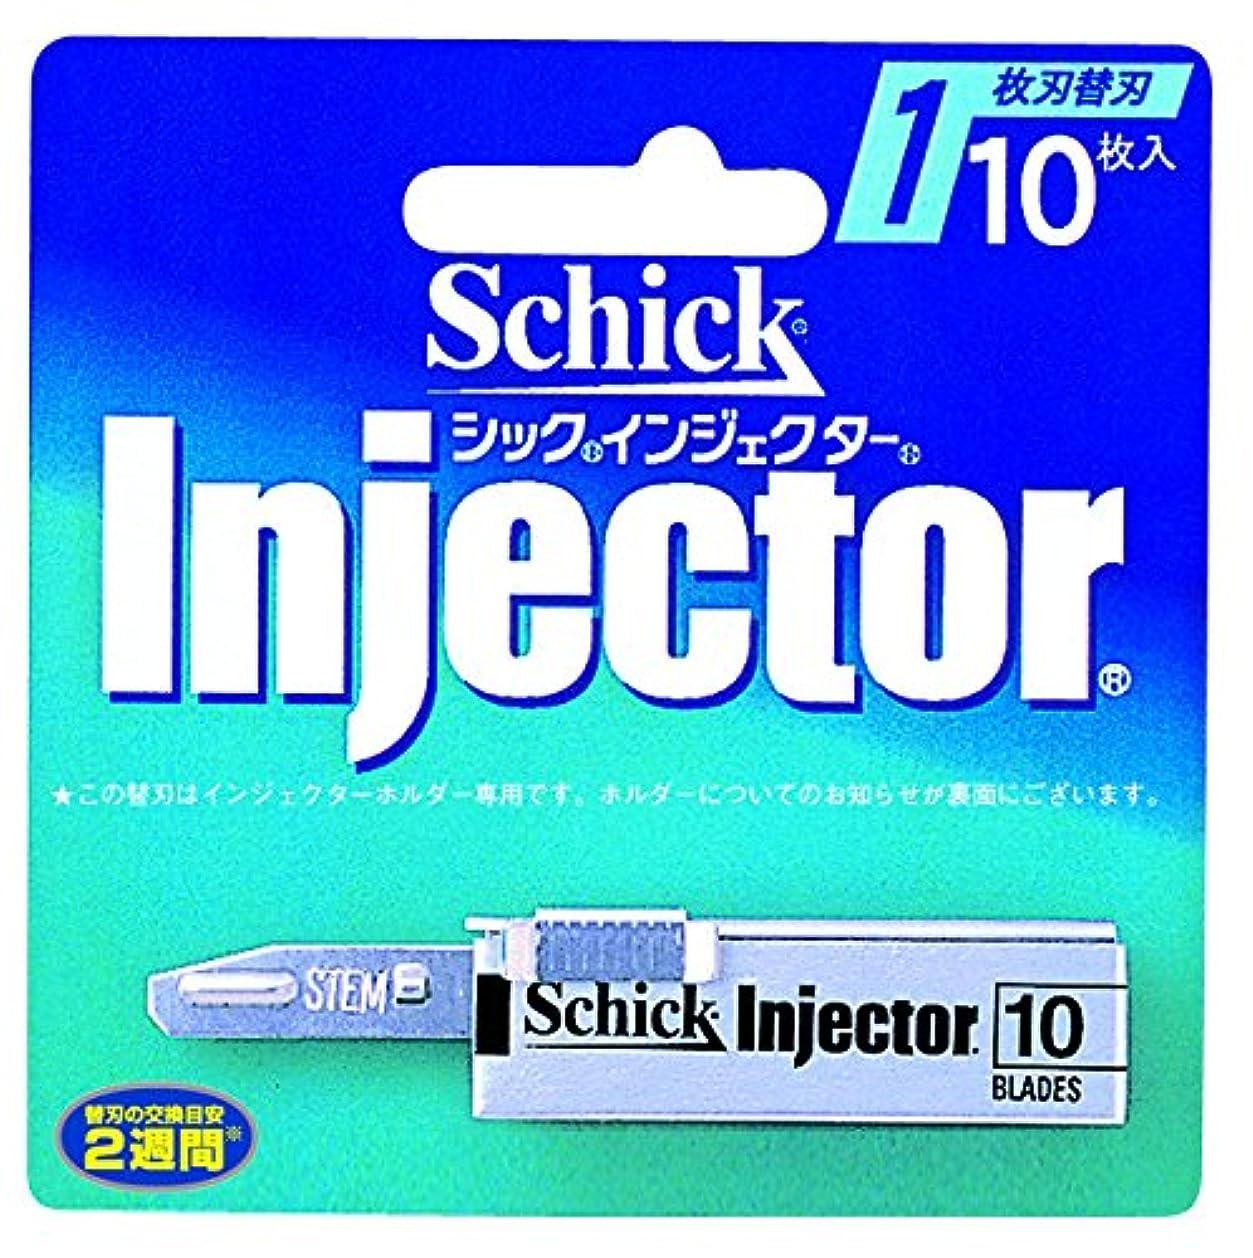 起訴する酸度このシック インジェクター替刃(10枚入り)